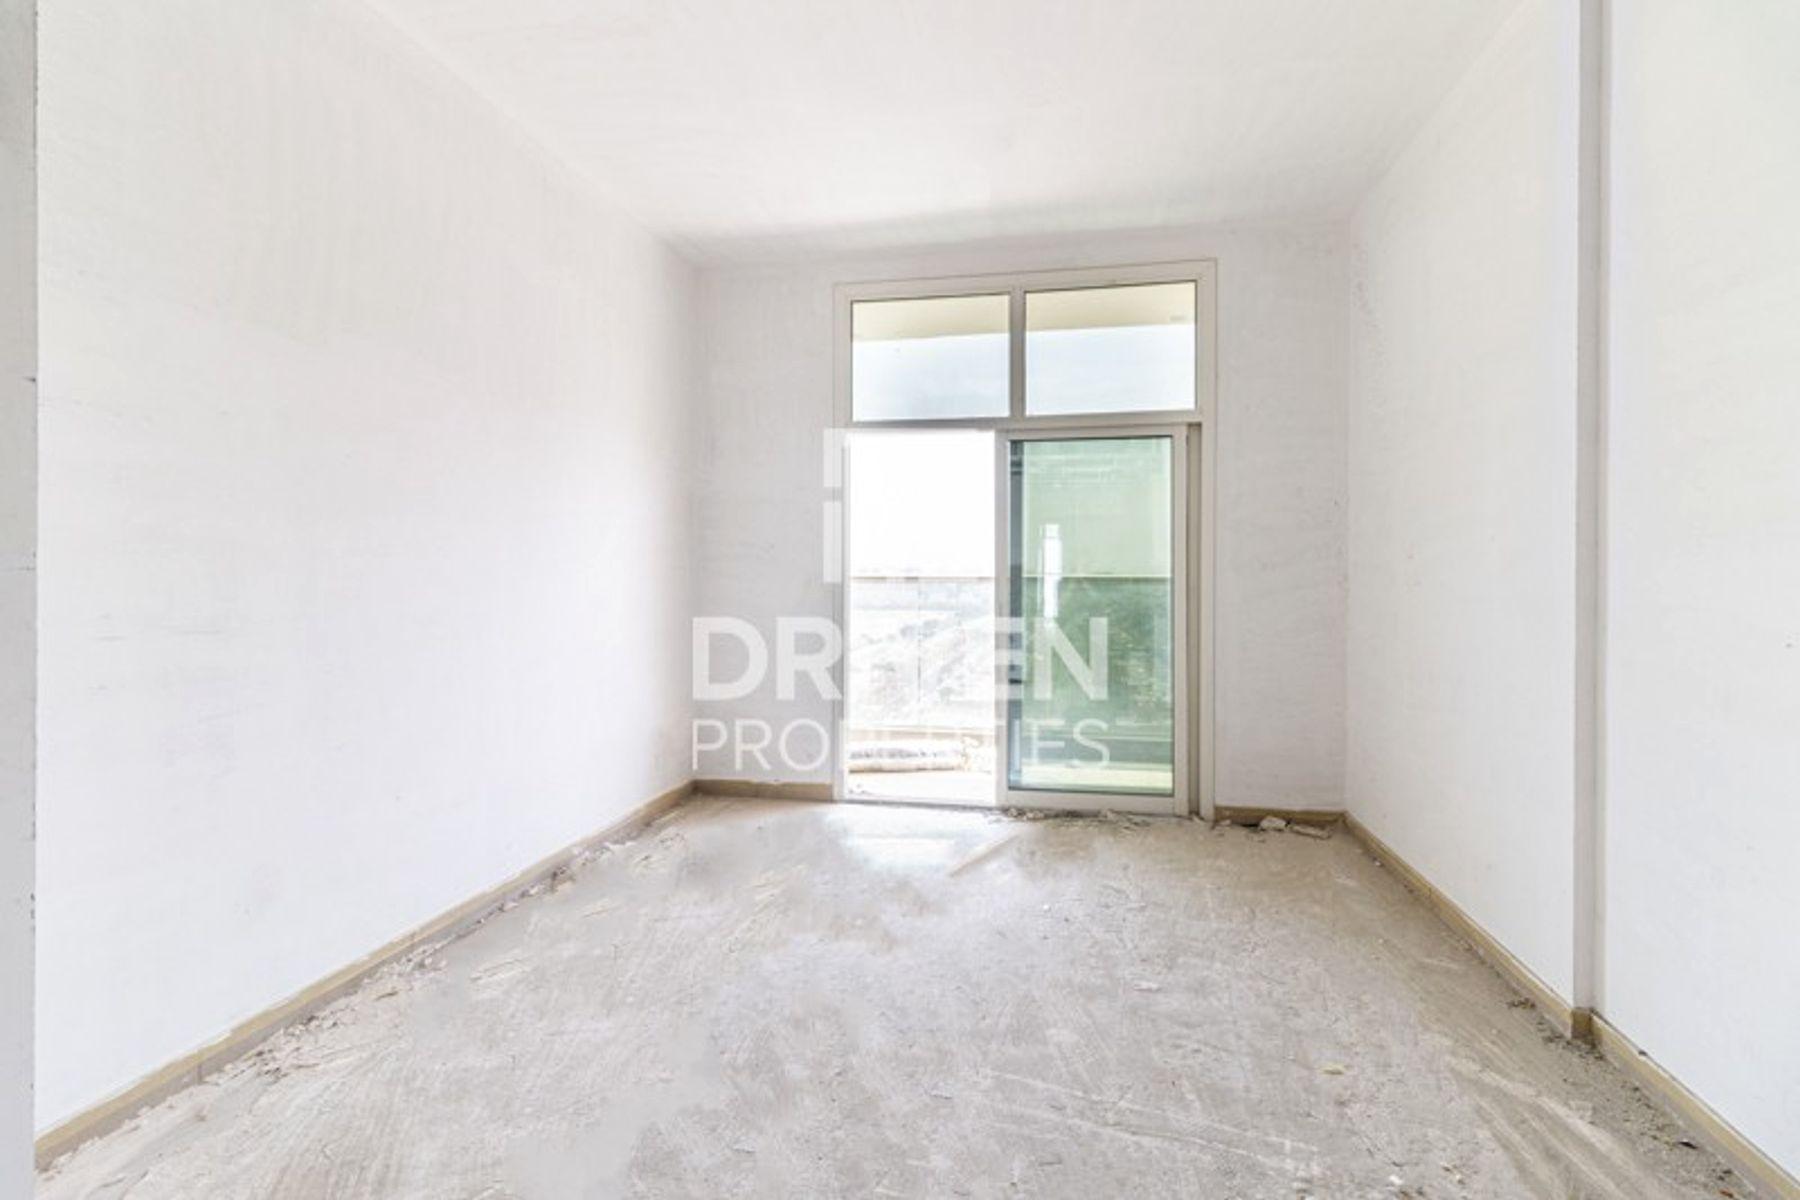 387 قدم مربع  ستوديو - للبيع - الفرجان